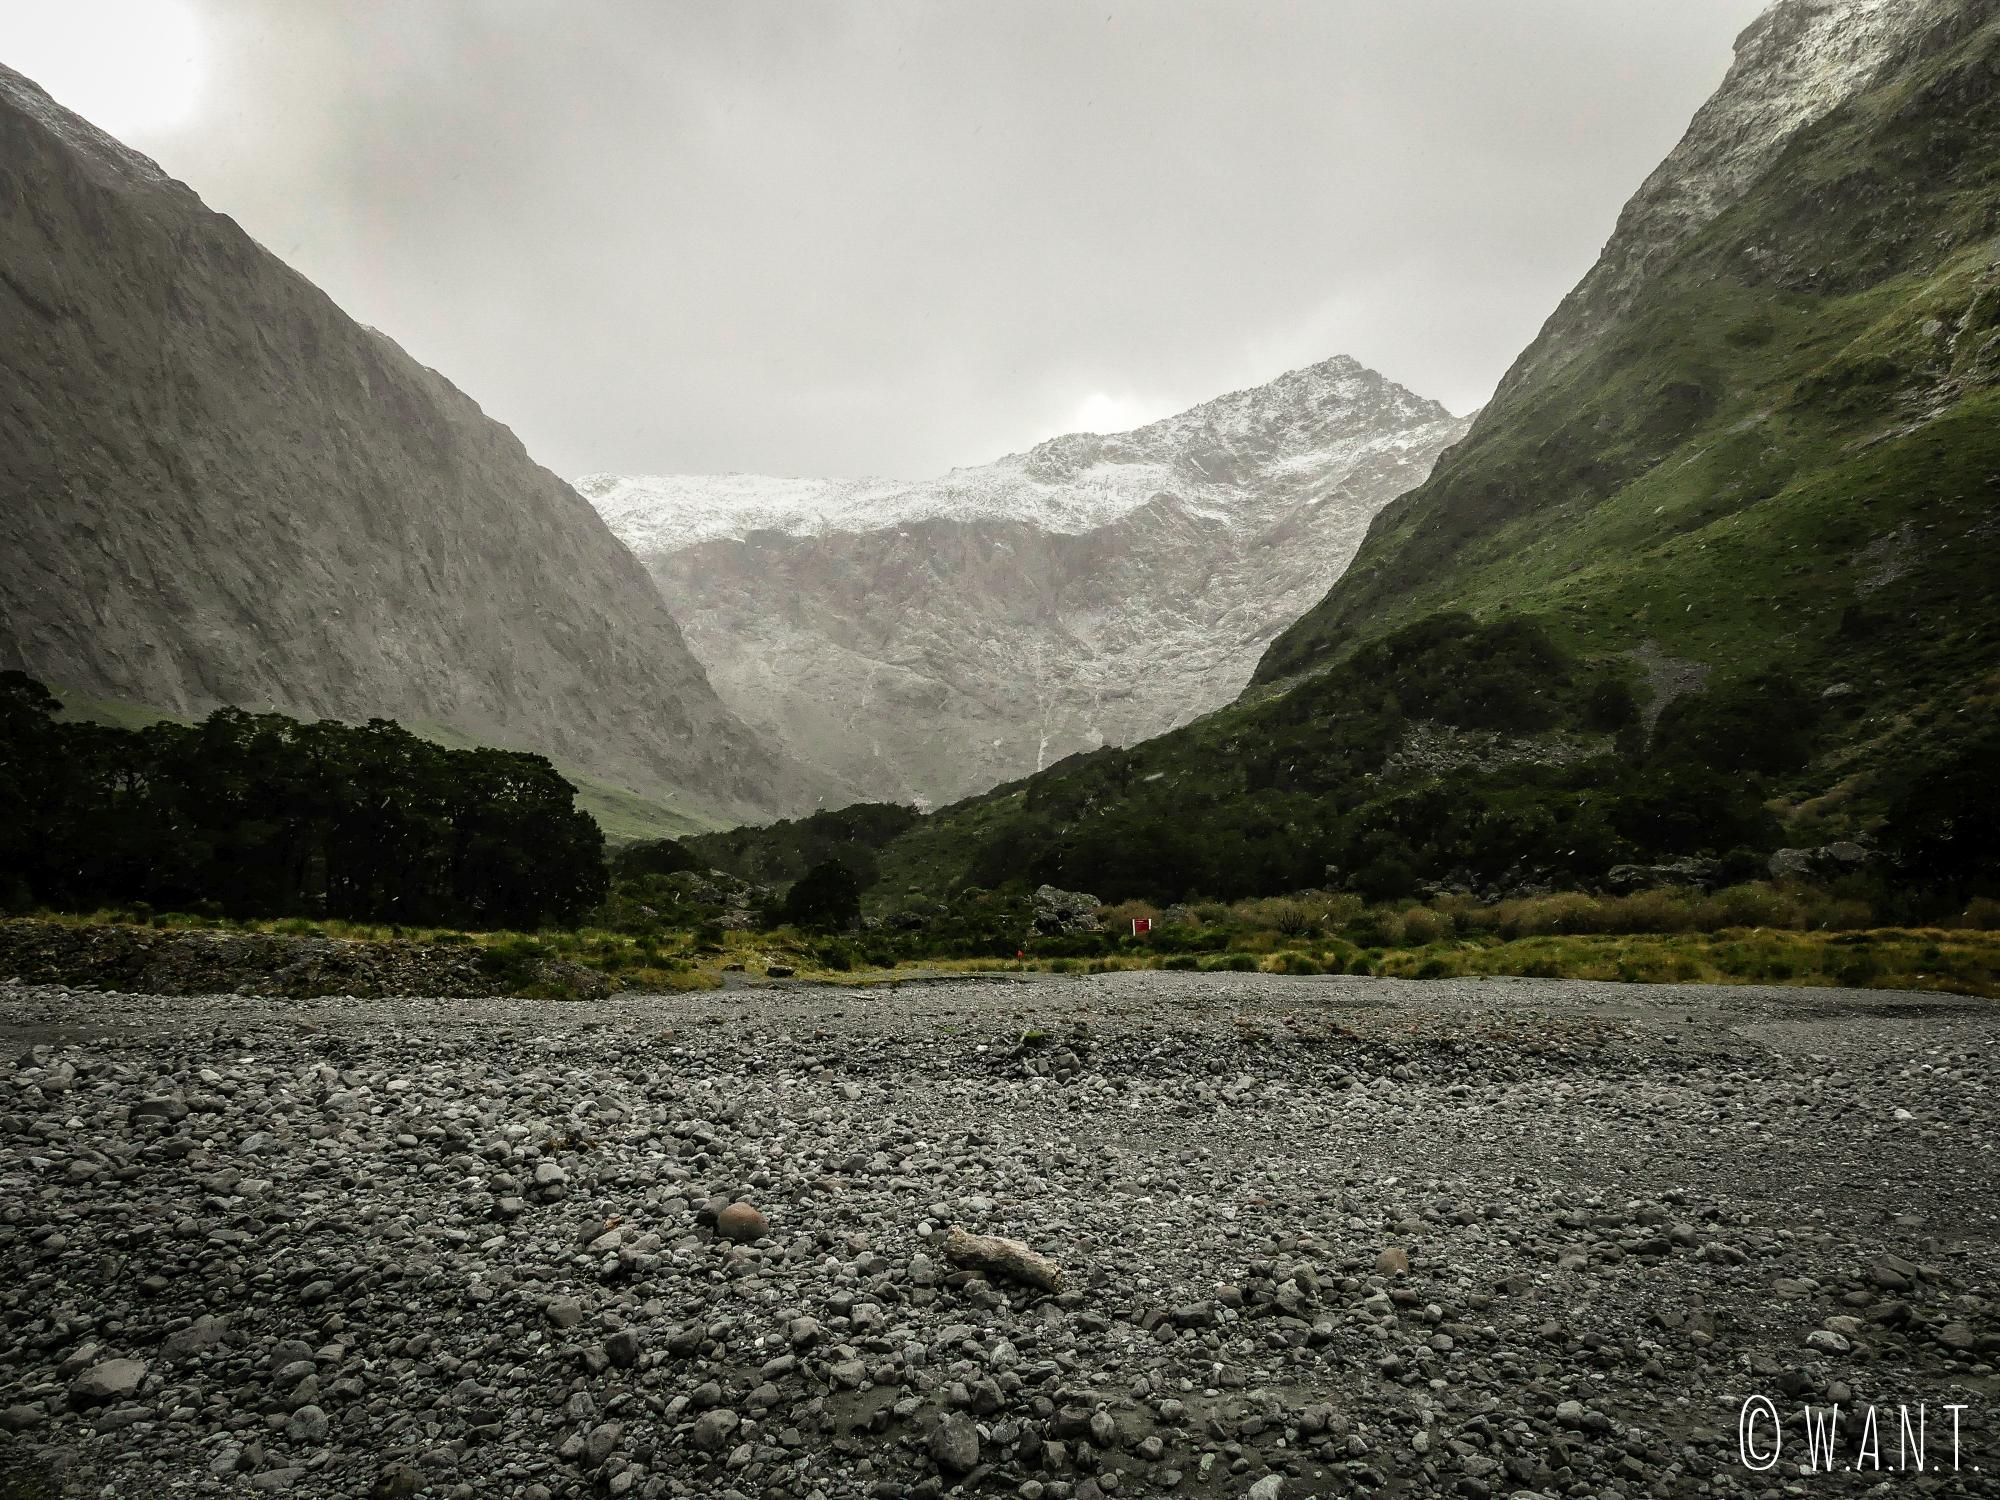 Le ciel se couvre tandis que nous quittons la région du Fiordland National Park en Nouvelle-Zélande